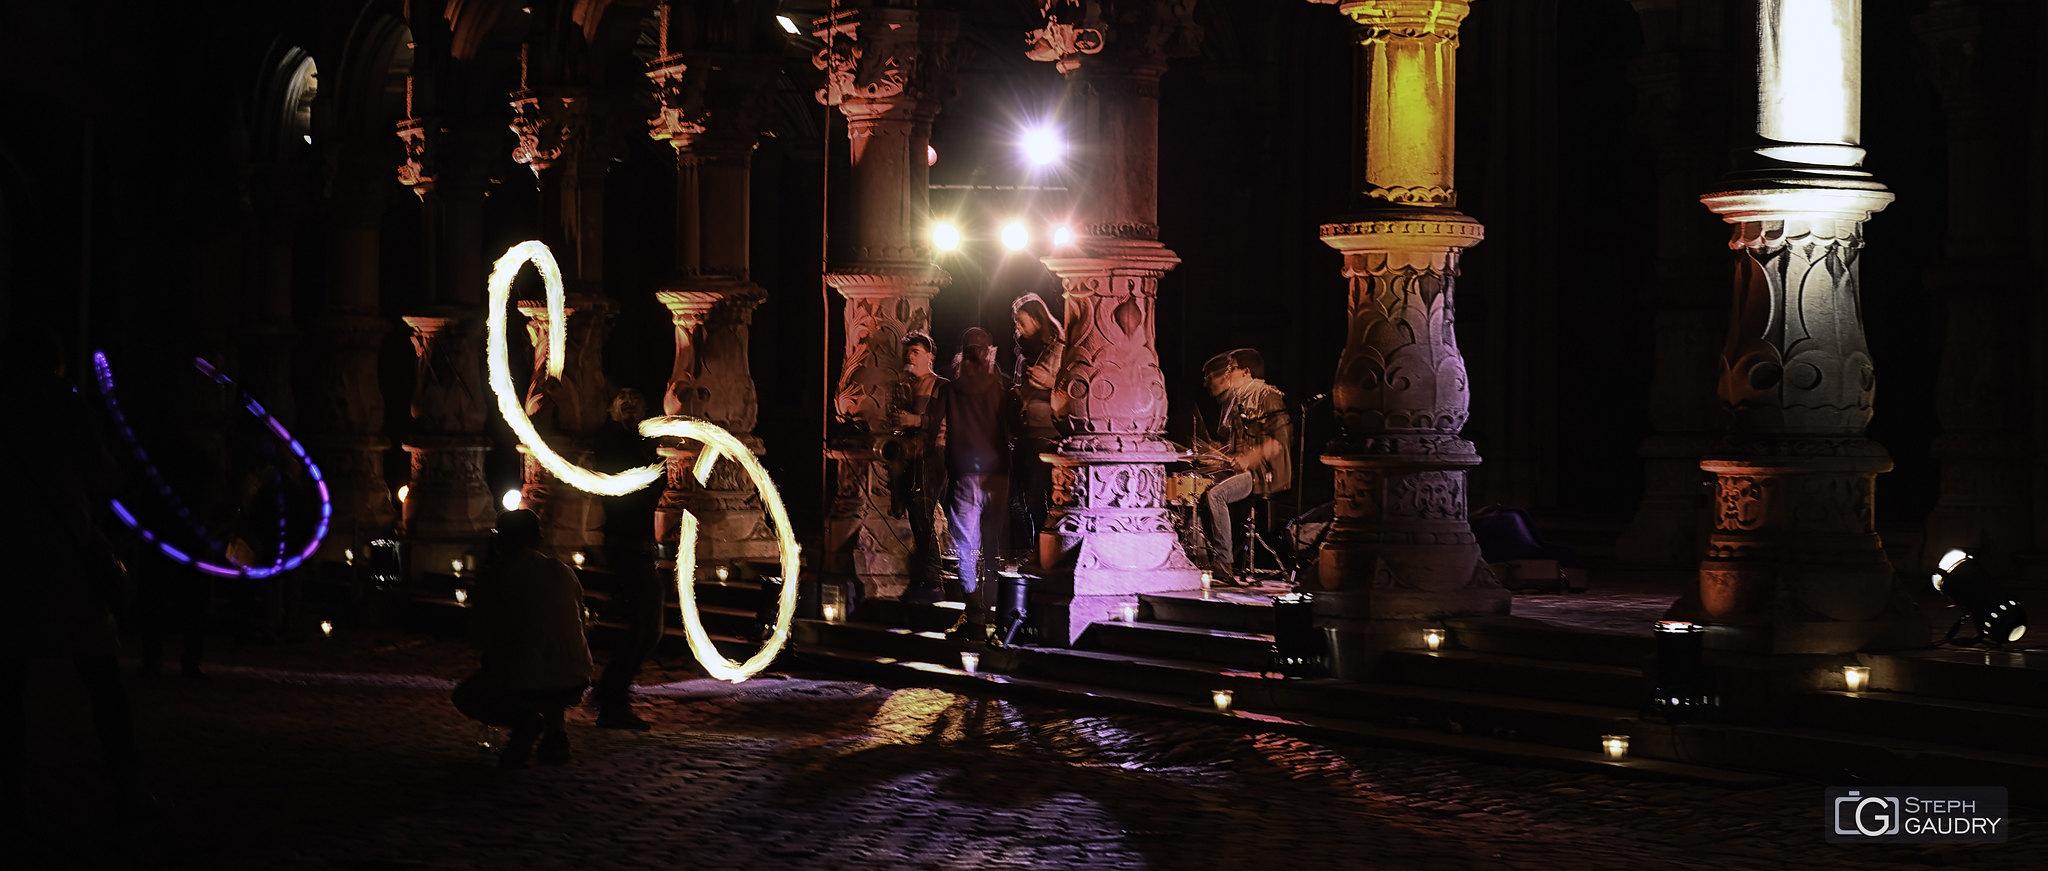 Nocturne des coteaux - le feu au palais de justice [Click to start slideshow]